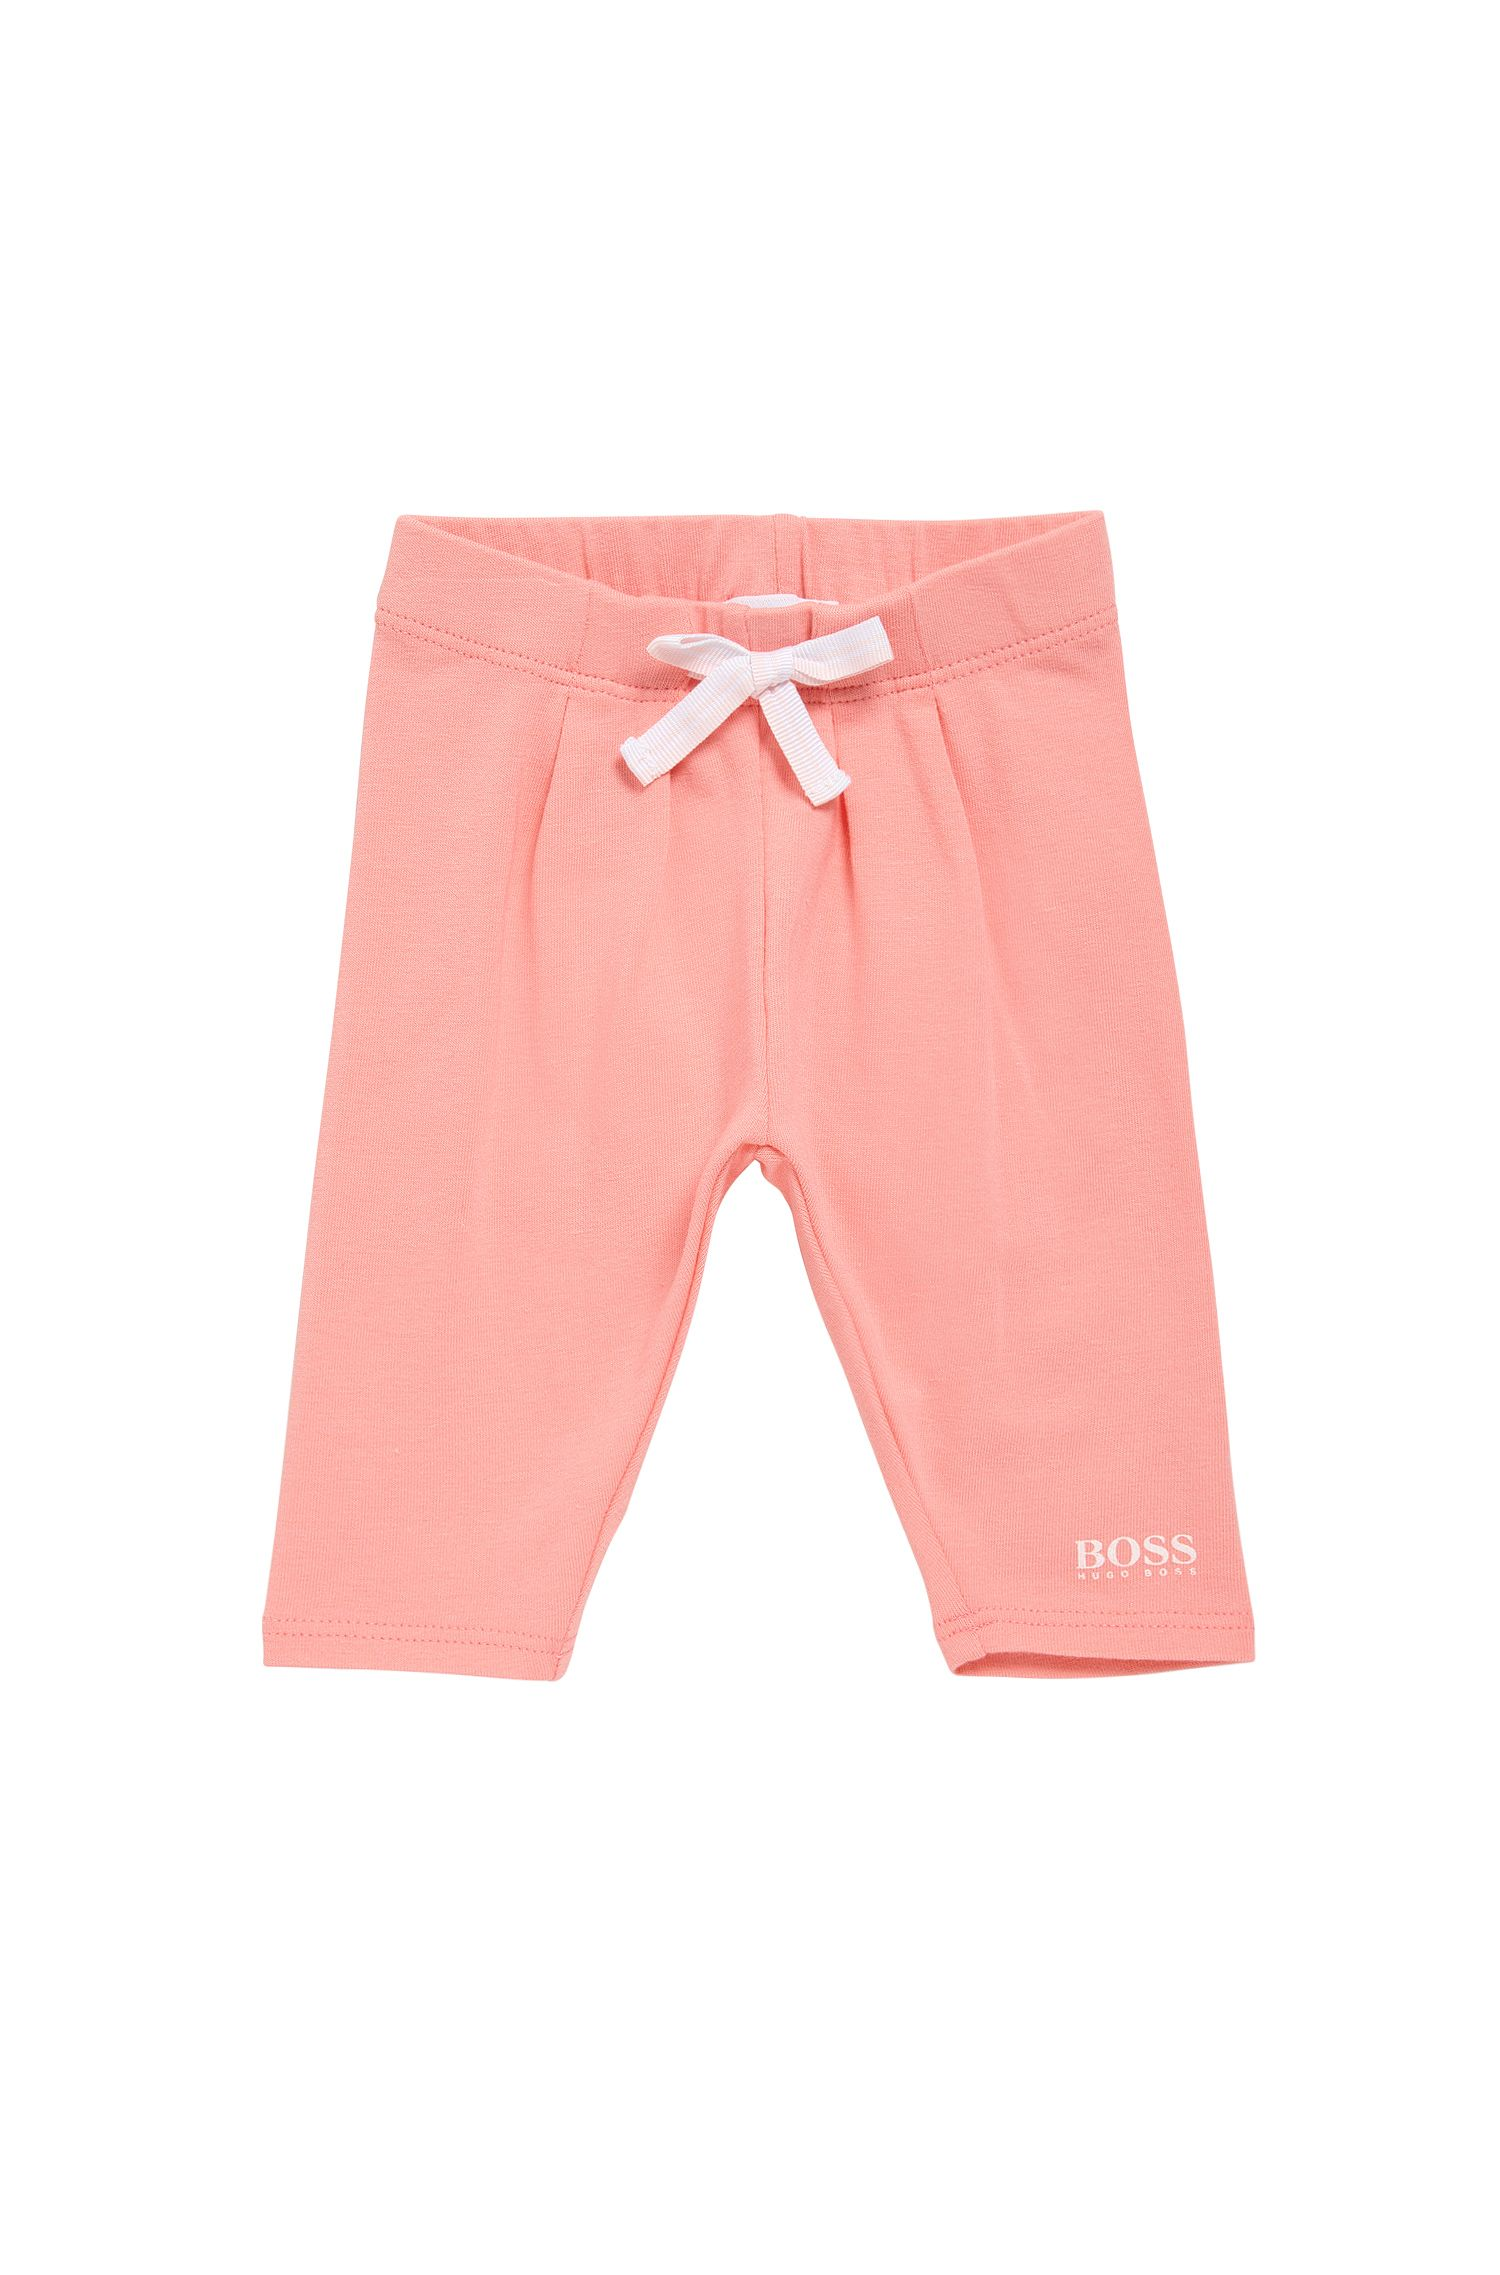 Pantalon pour bébé en coton élastique orné d'un nœud: «J94165»